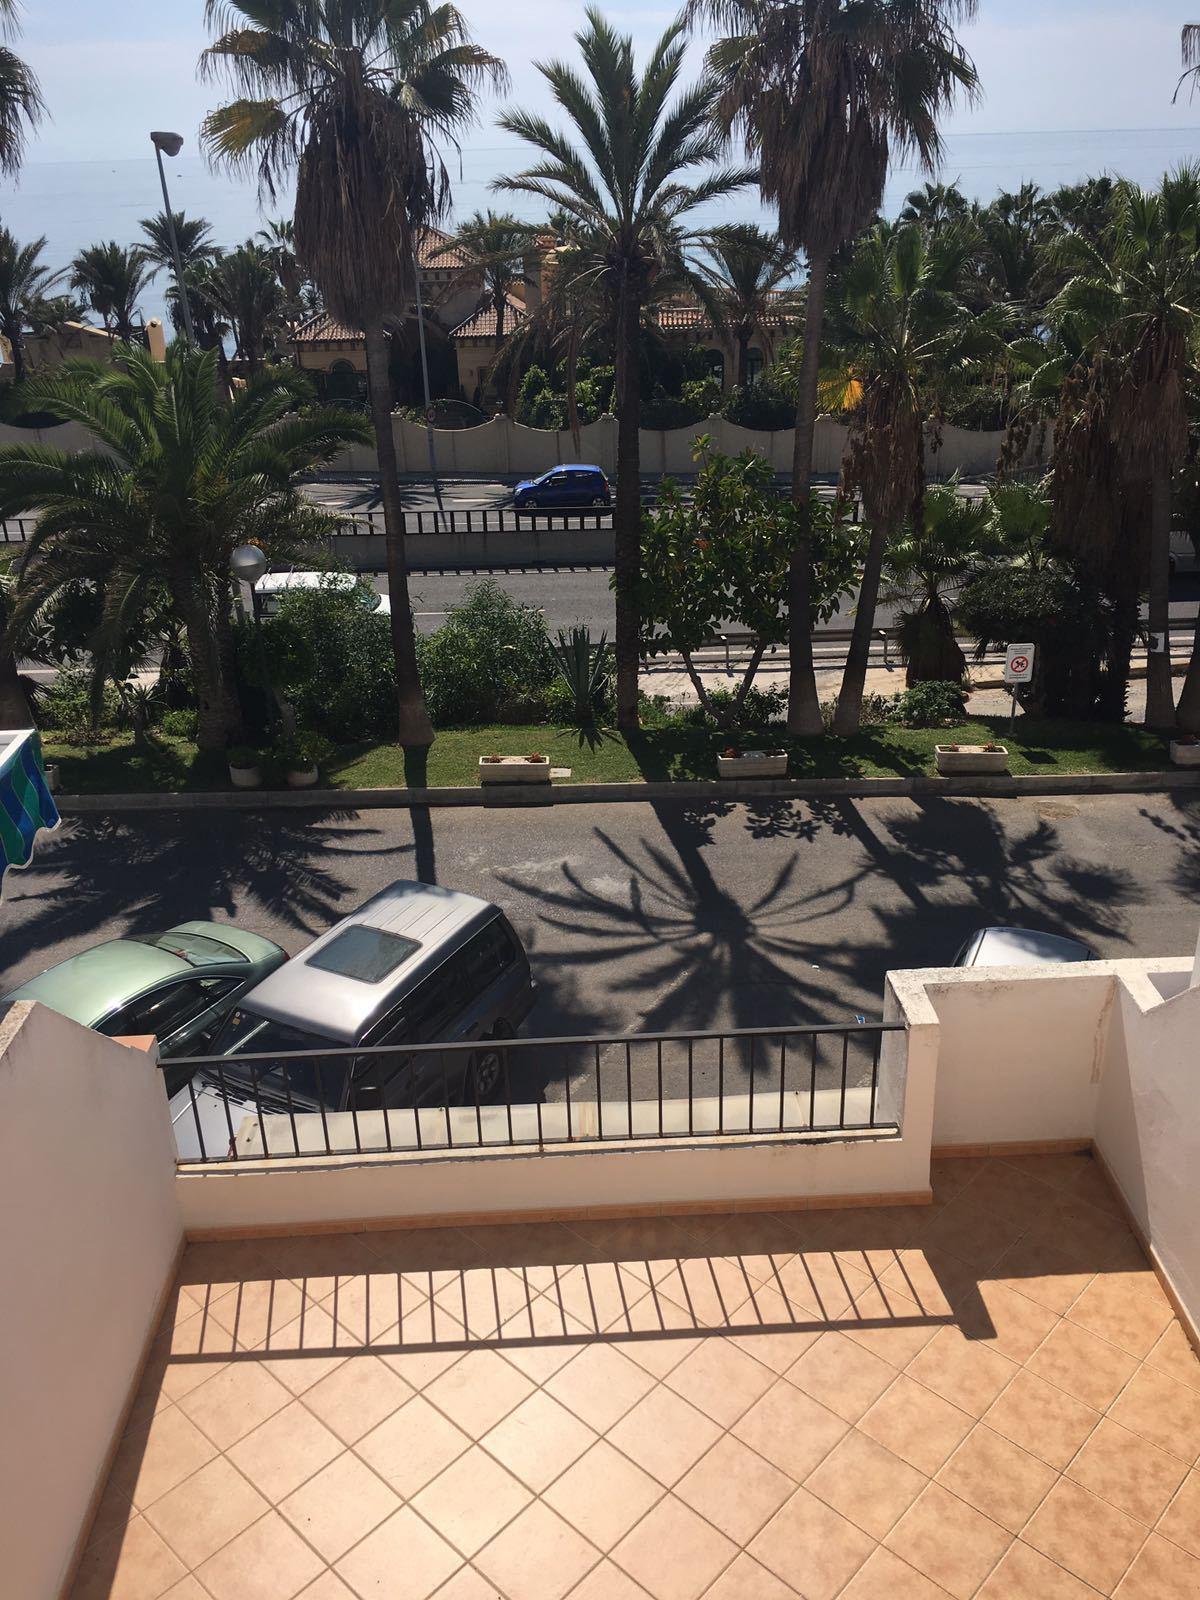 Unifamiliar 2 Dormitorios en Venta El Faro